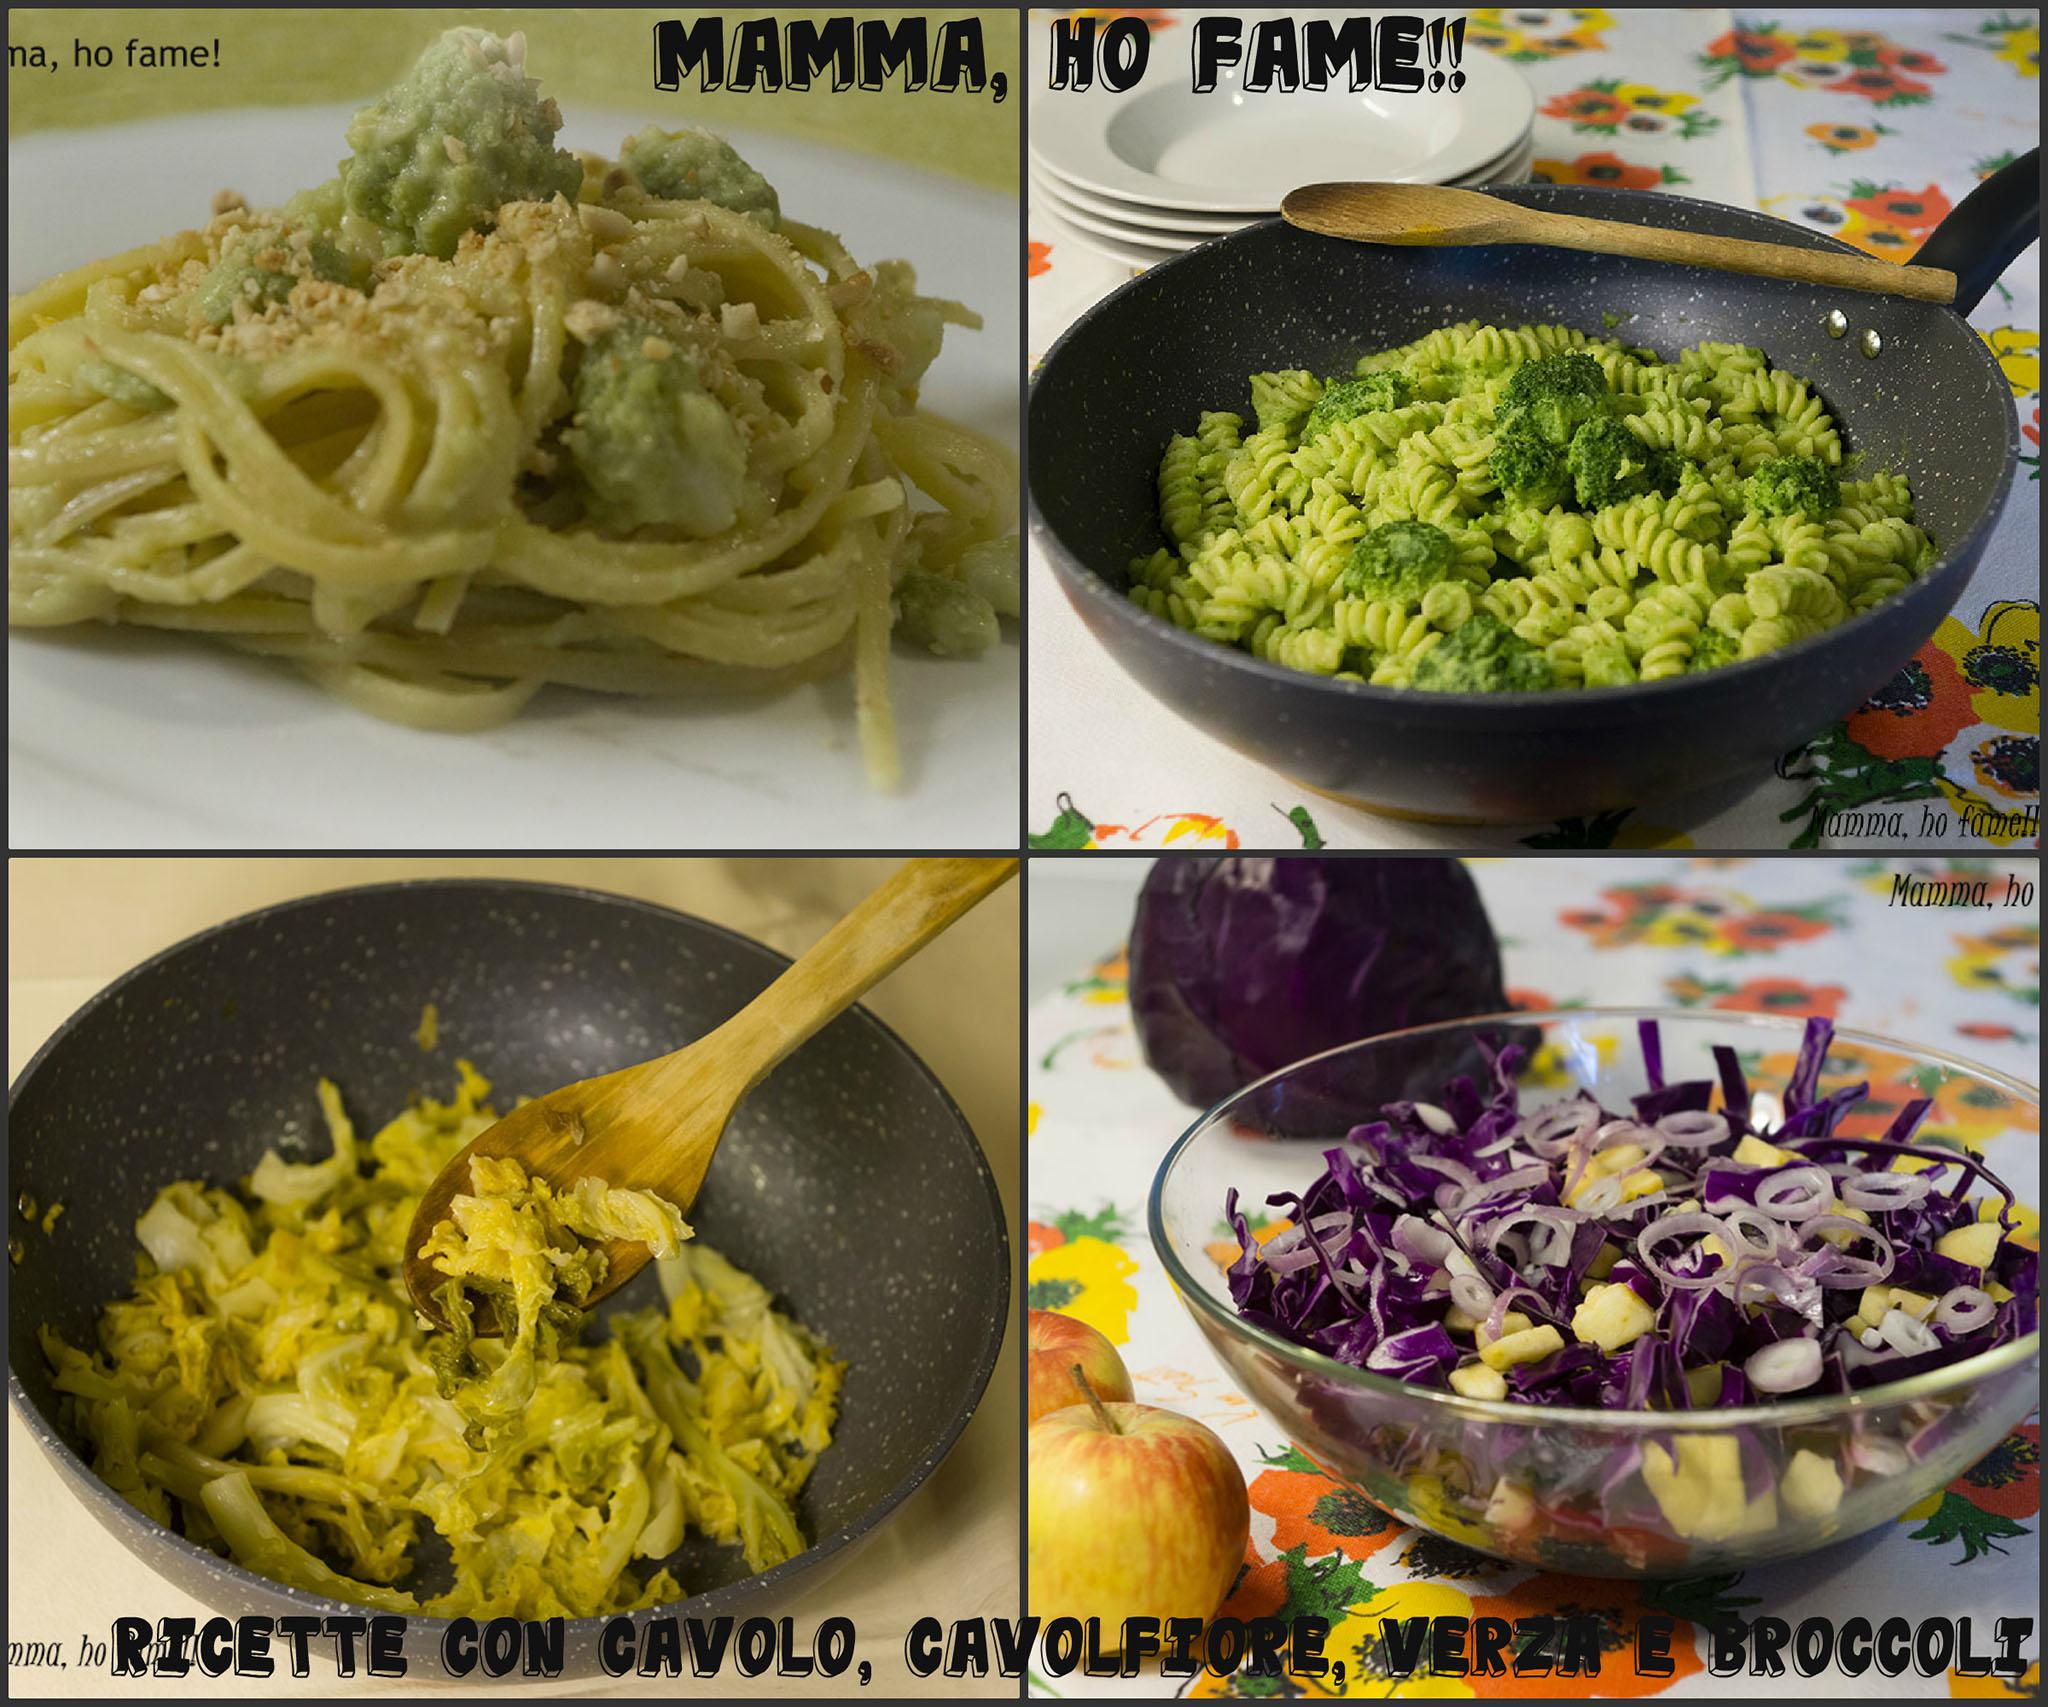 Ricette Con Cavolo Cavolfiore Verza E Broccoli Mamma Ho Fame